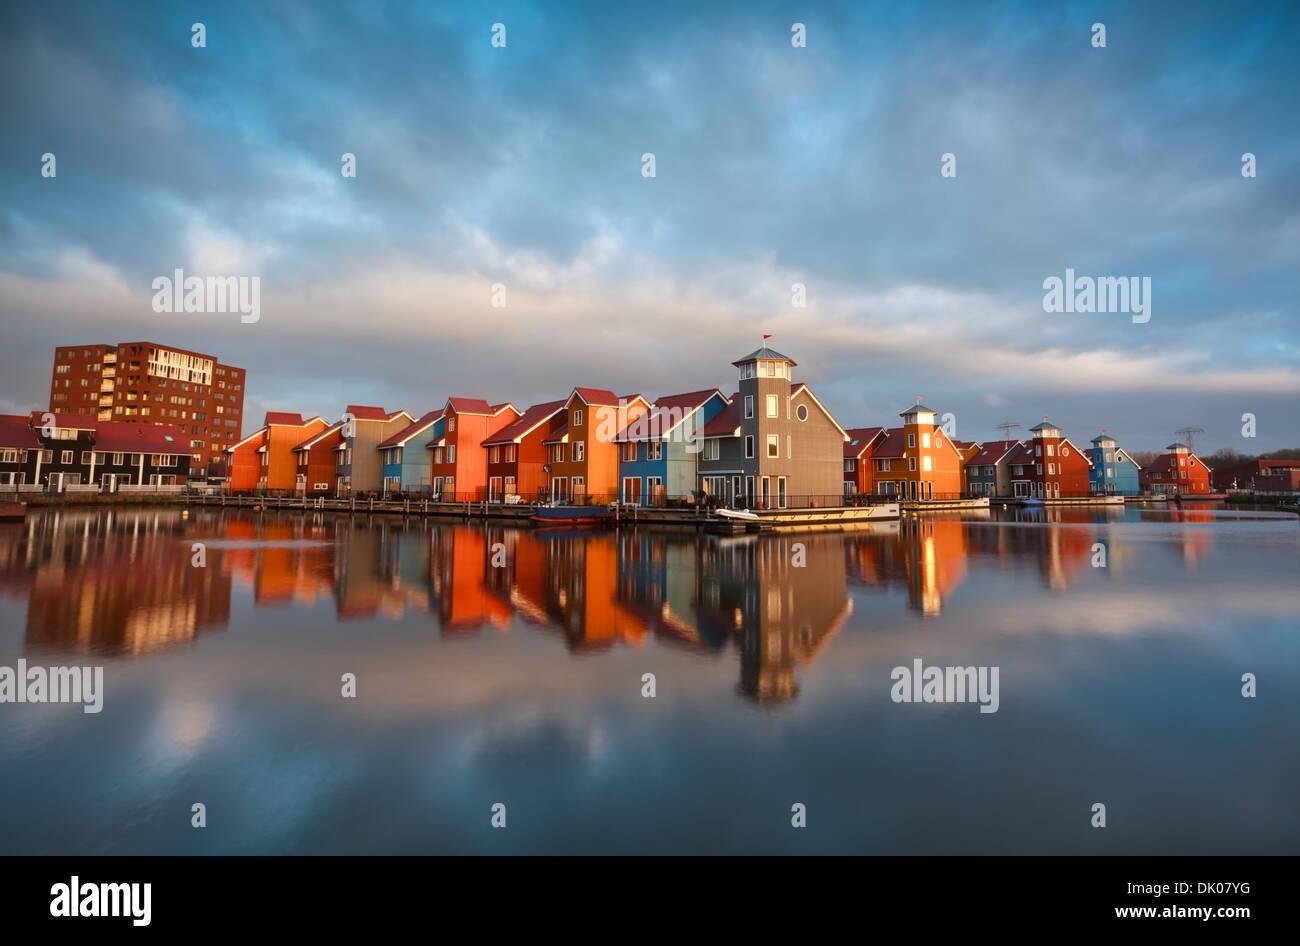 bunte Gebäude auf dem Wasser bei Sonnenaufgang, Reitdiephaven, Groningen, Niederlande Stockbild